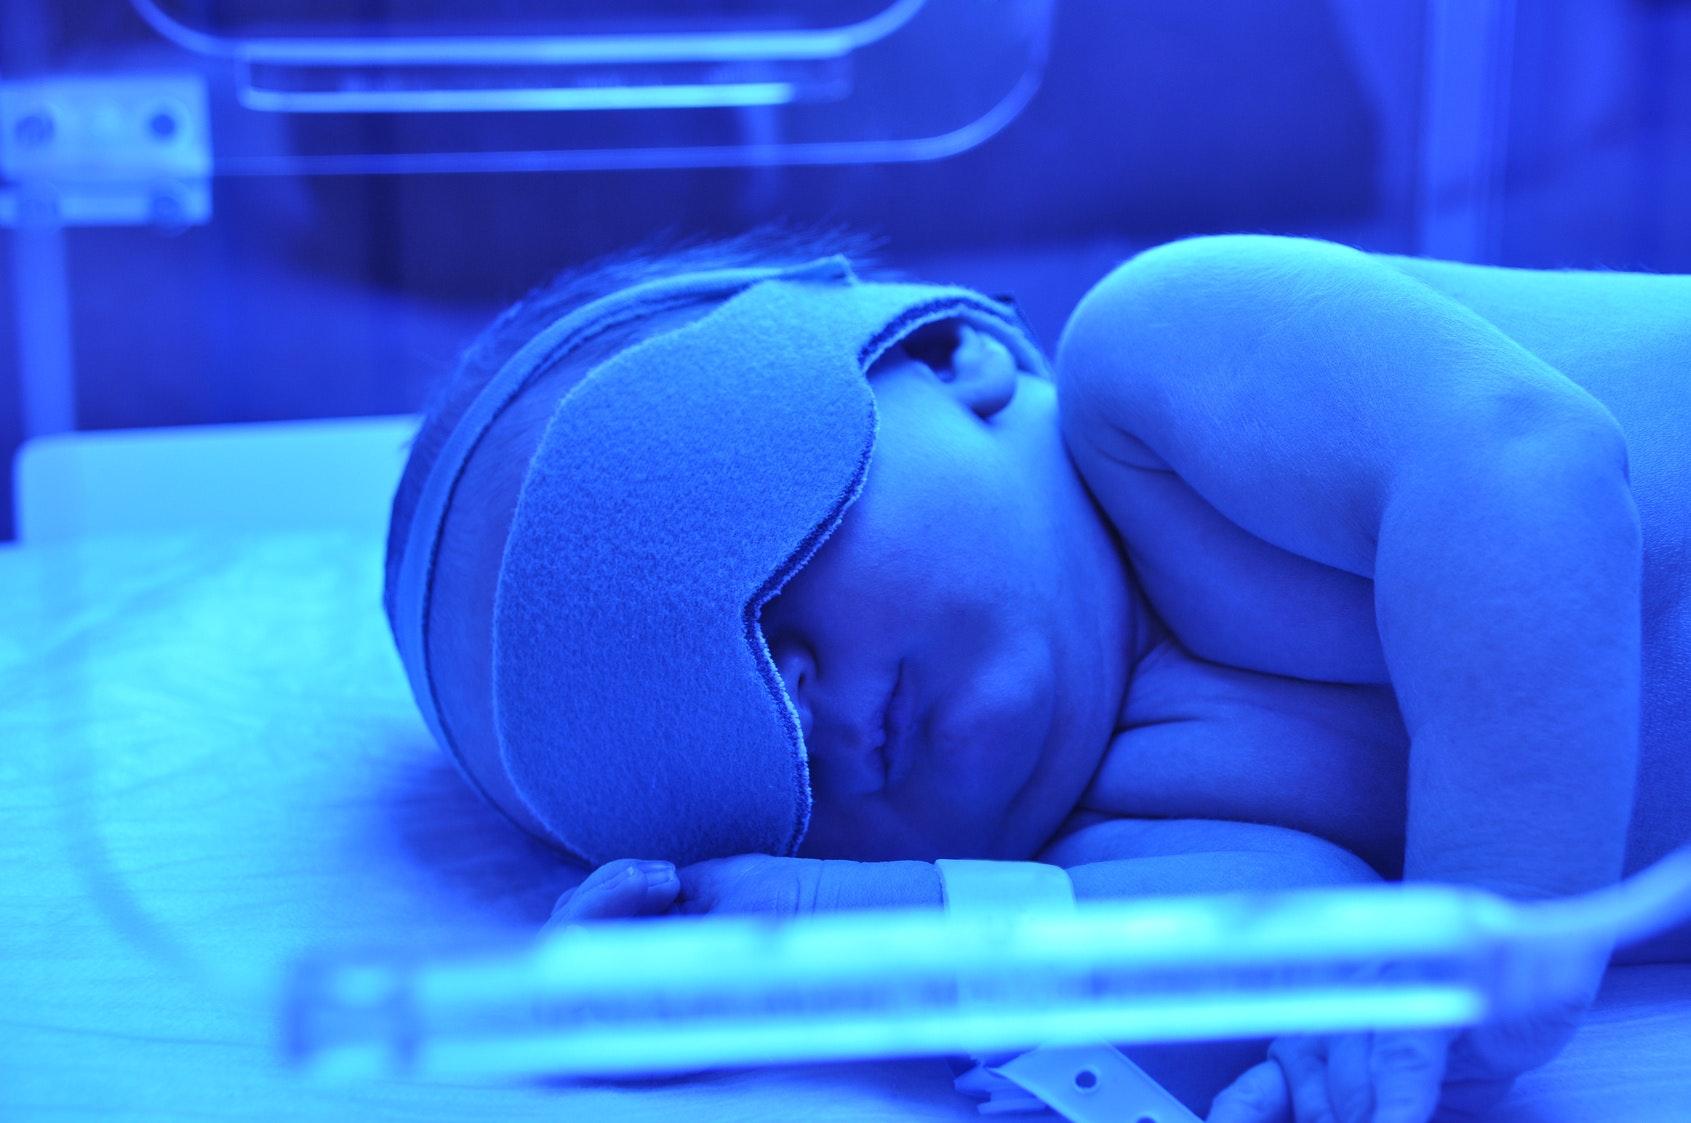 Accouchement : « J'ai eu une incompatibilité de groupes   sanguins avec mon bébé »